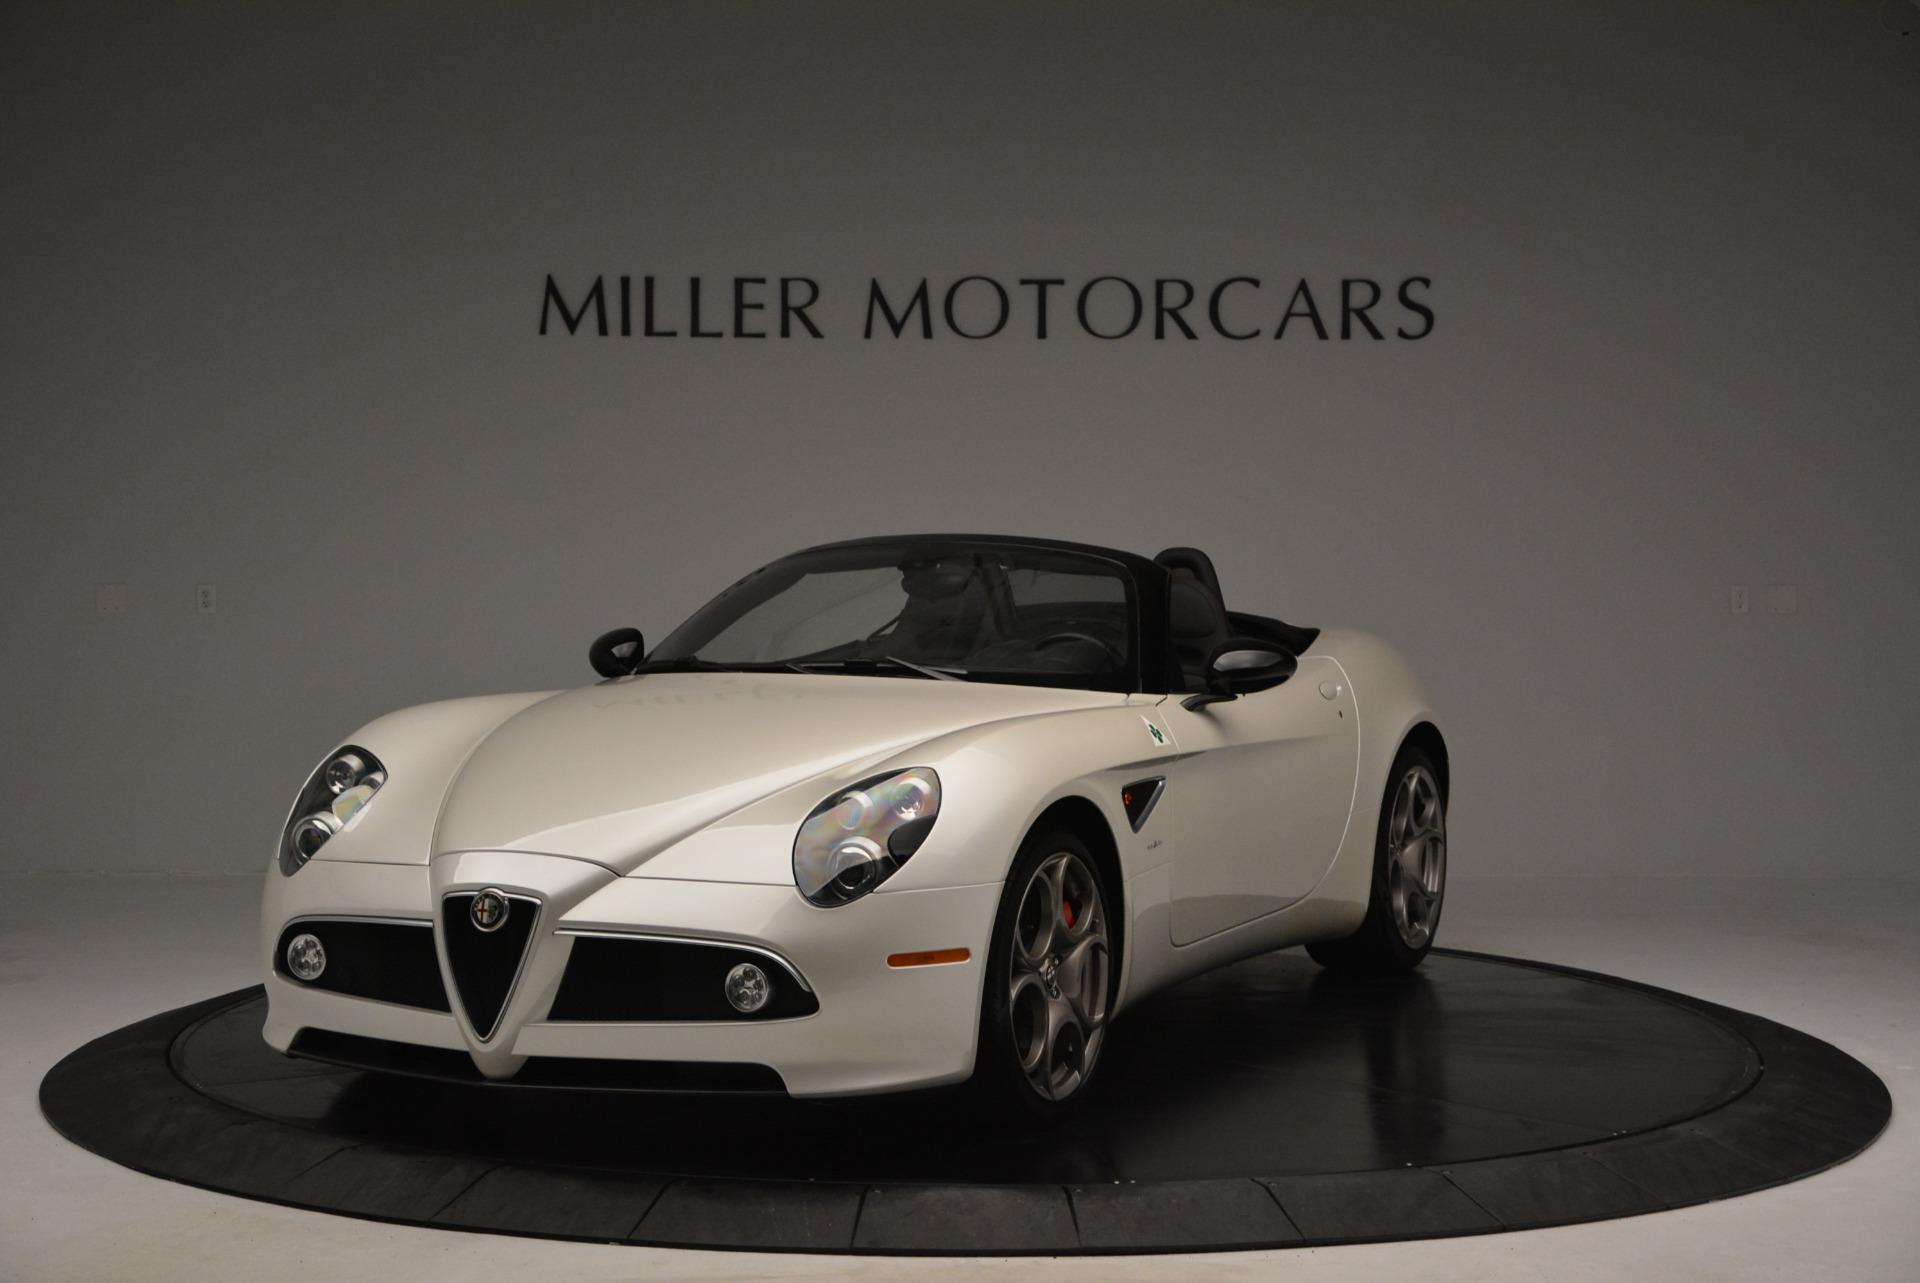 Used 2009 Alfa Romeo 8C Competizione Spider for sale $345,900 at Aston Martin of Greenwich in Greenwich CT 06830 1